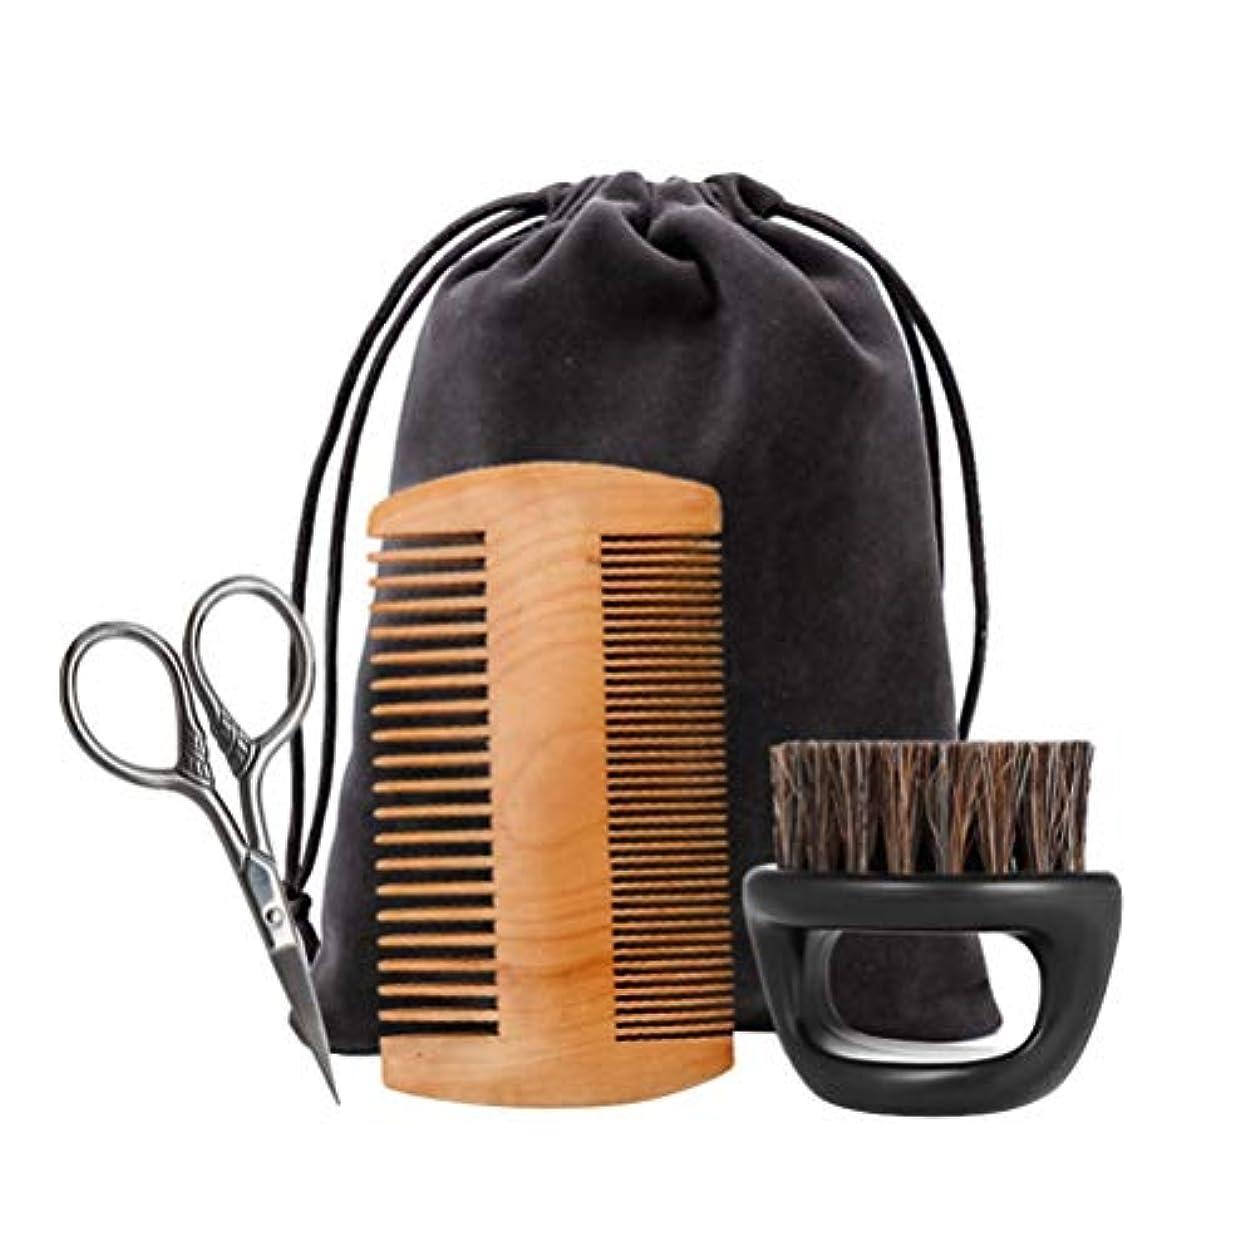 競争力のある博物館瀬戸際Healifty ひげのブラシの櫛のはさみのキットの剛毛のひげのブラシのギフトは男性の手入れをするために置きました